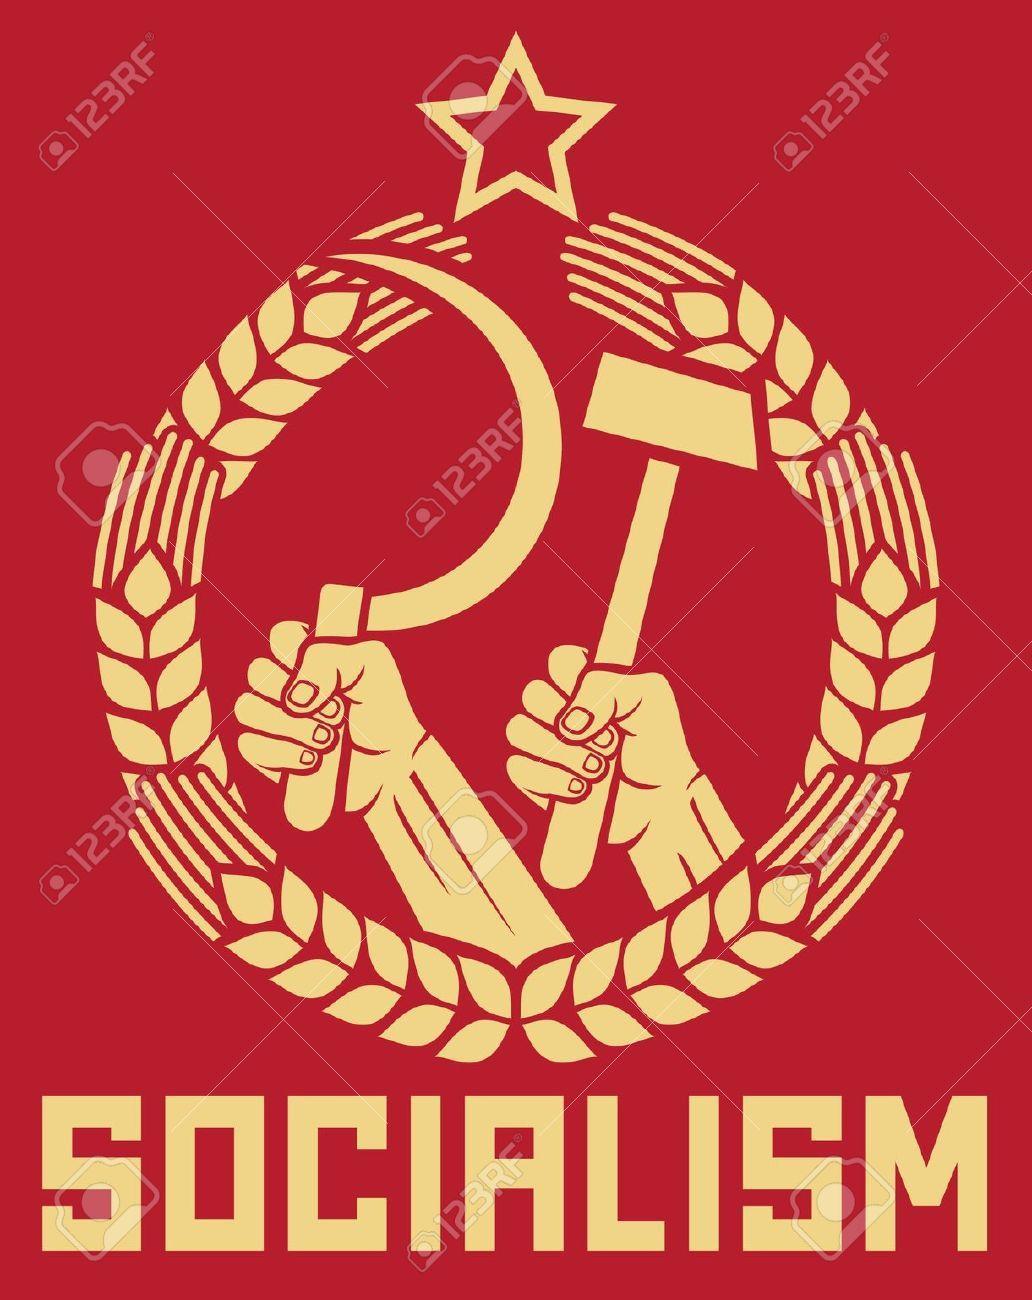 100 Communist Aesthetic Ideas Communist Propaganda Propaganda Art Propaganda Posters